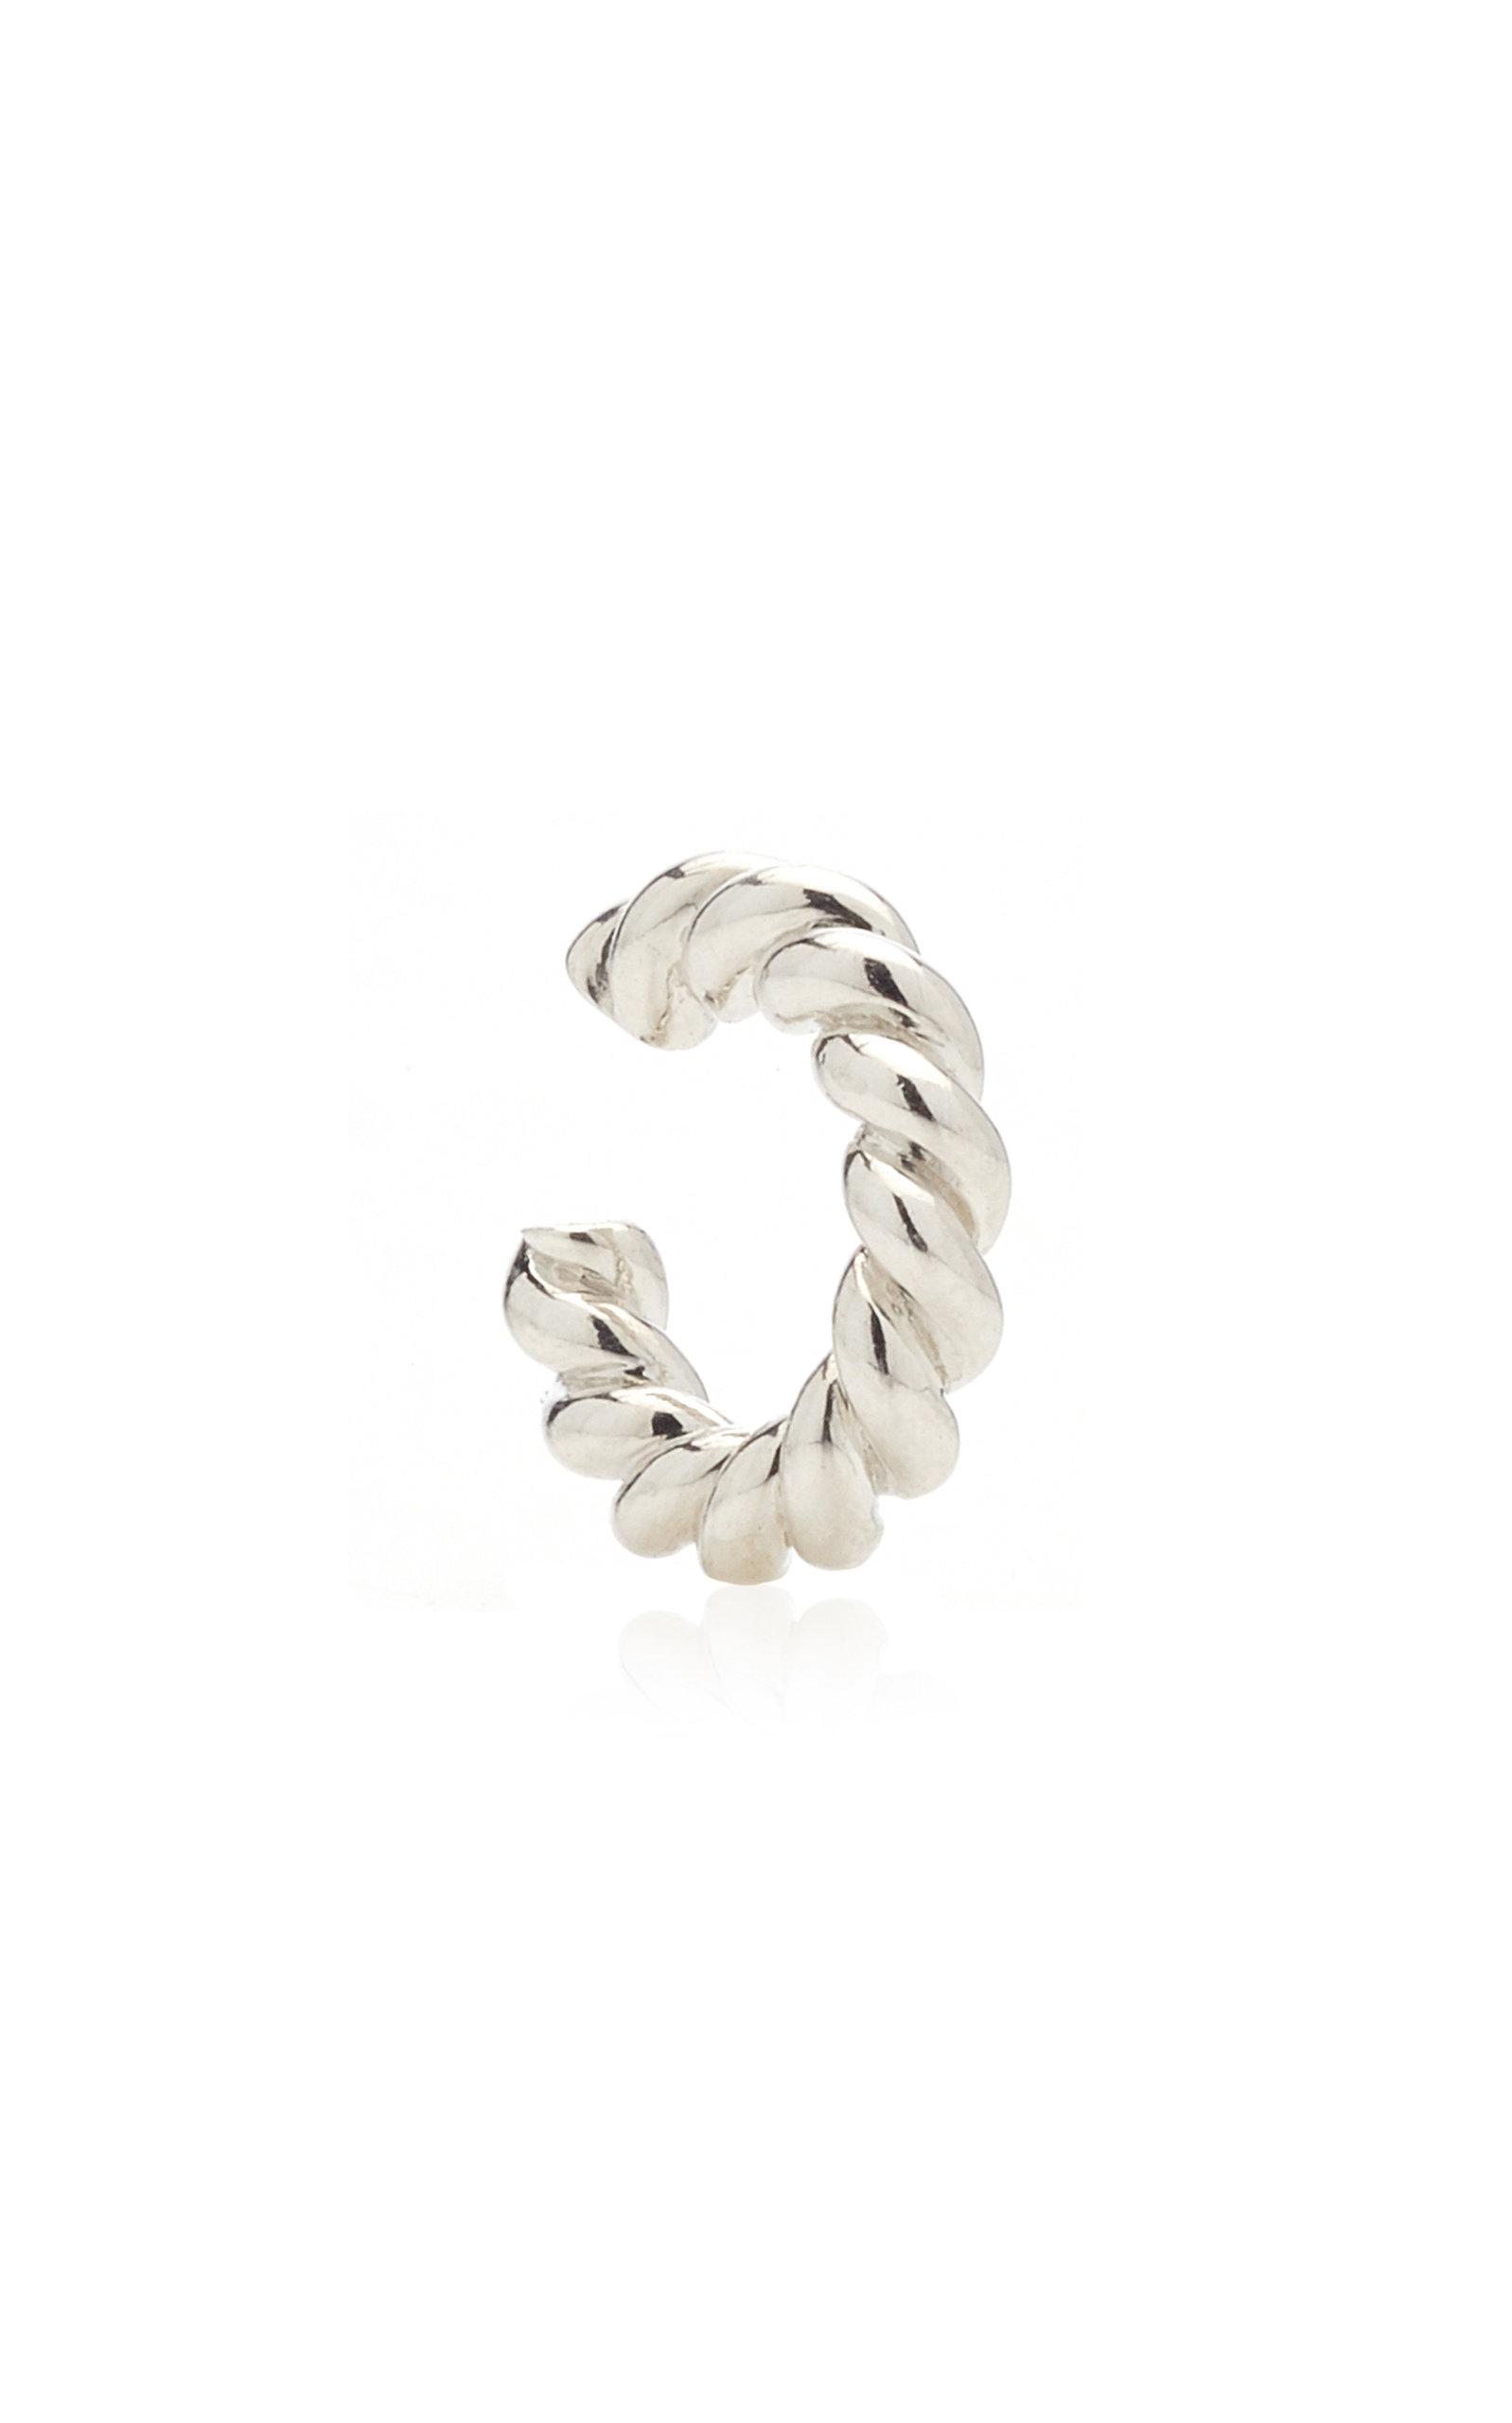 Women's Twisted Sterling Silver Ear Cuff